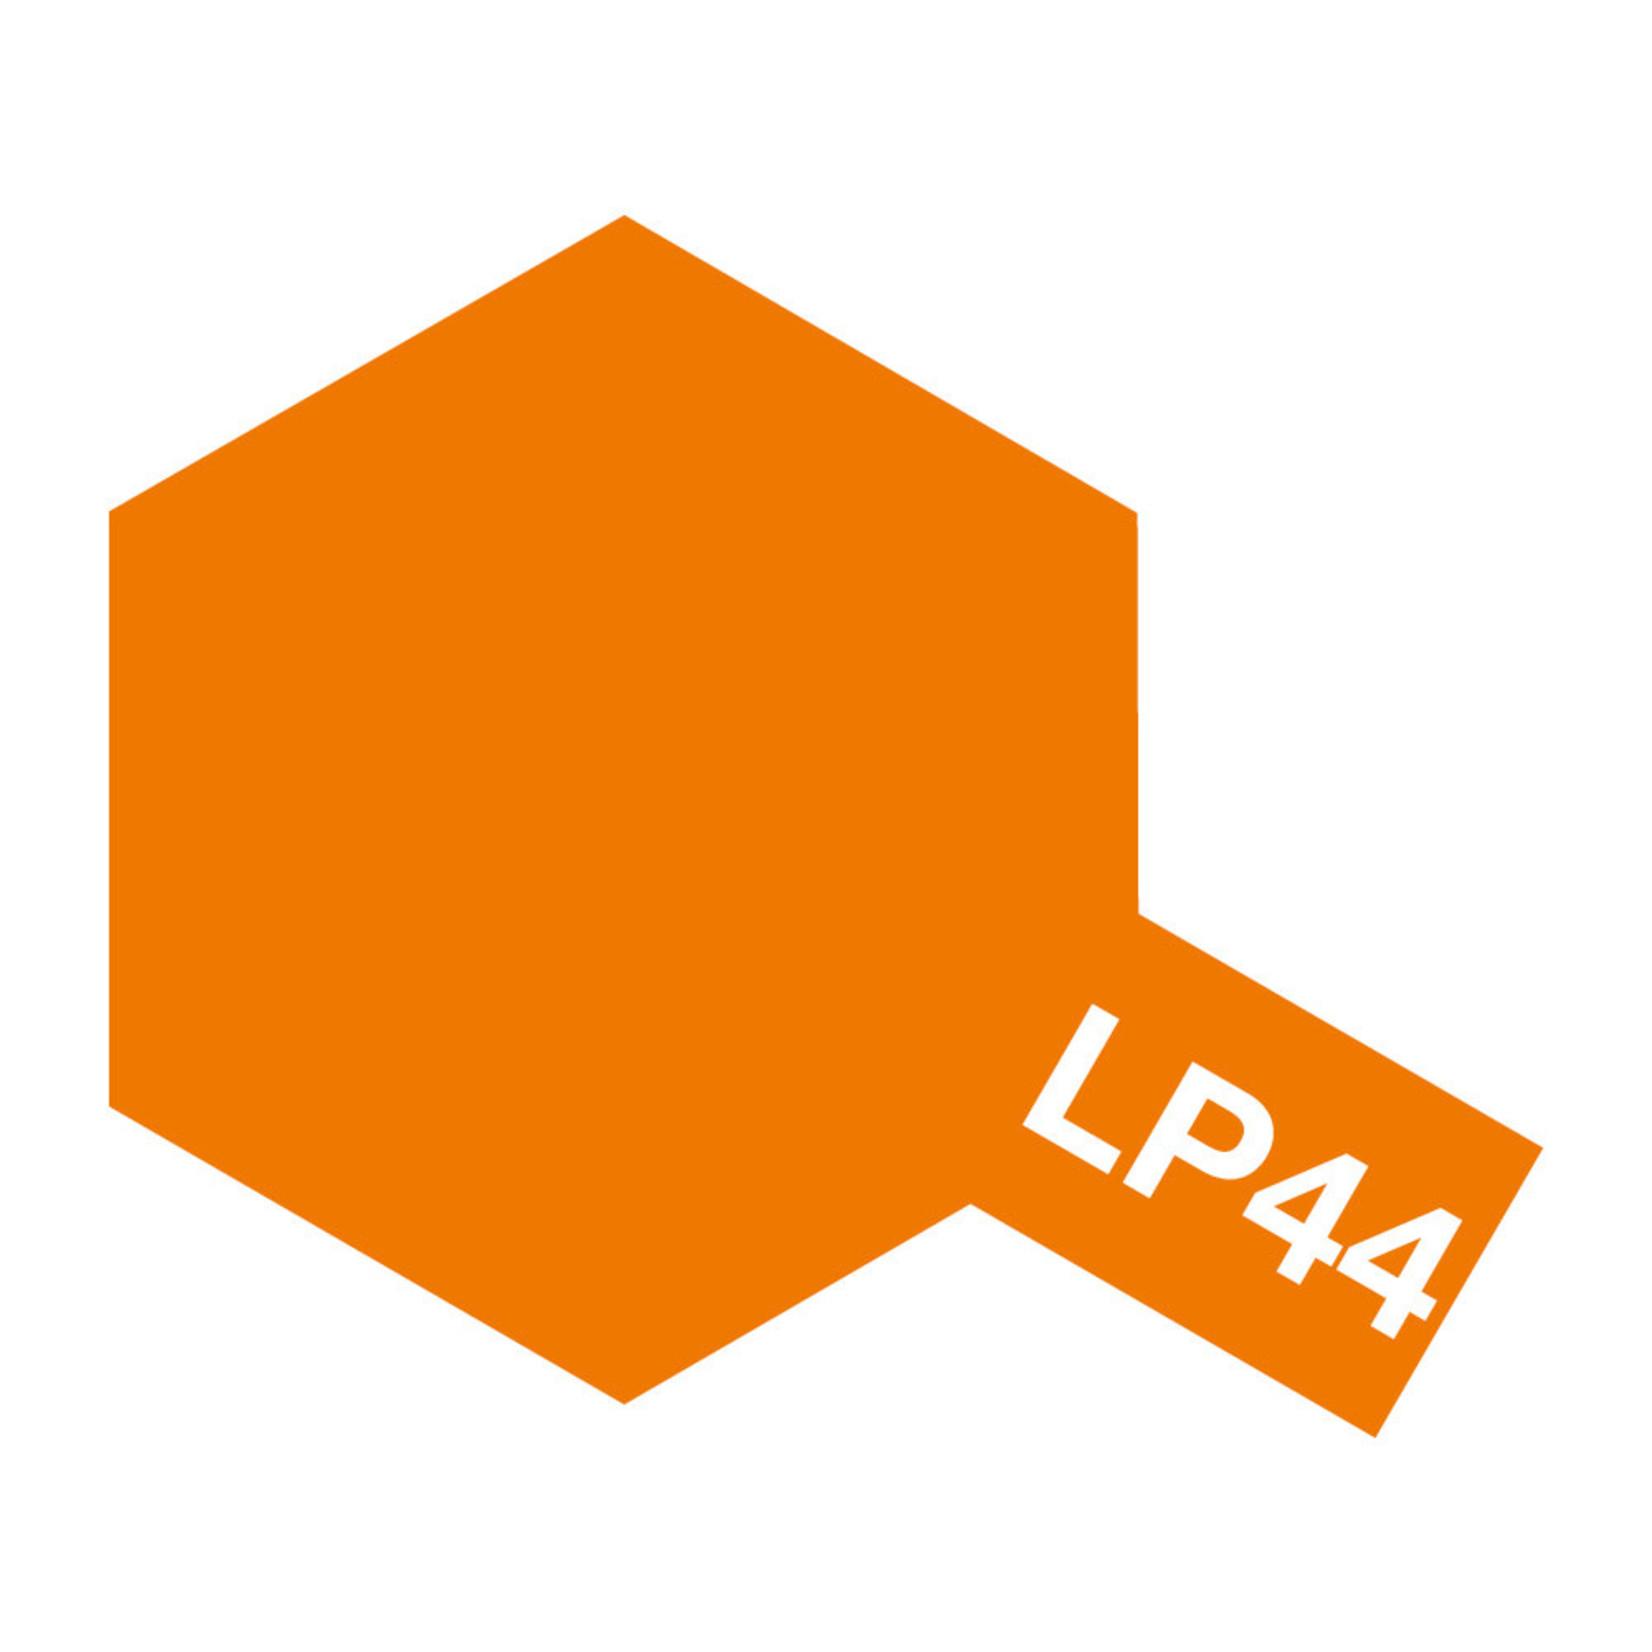 Tamiya TAMLP44 Lacquer Metallic Orange (10ml)